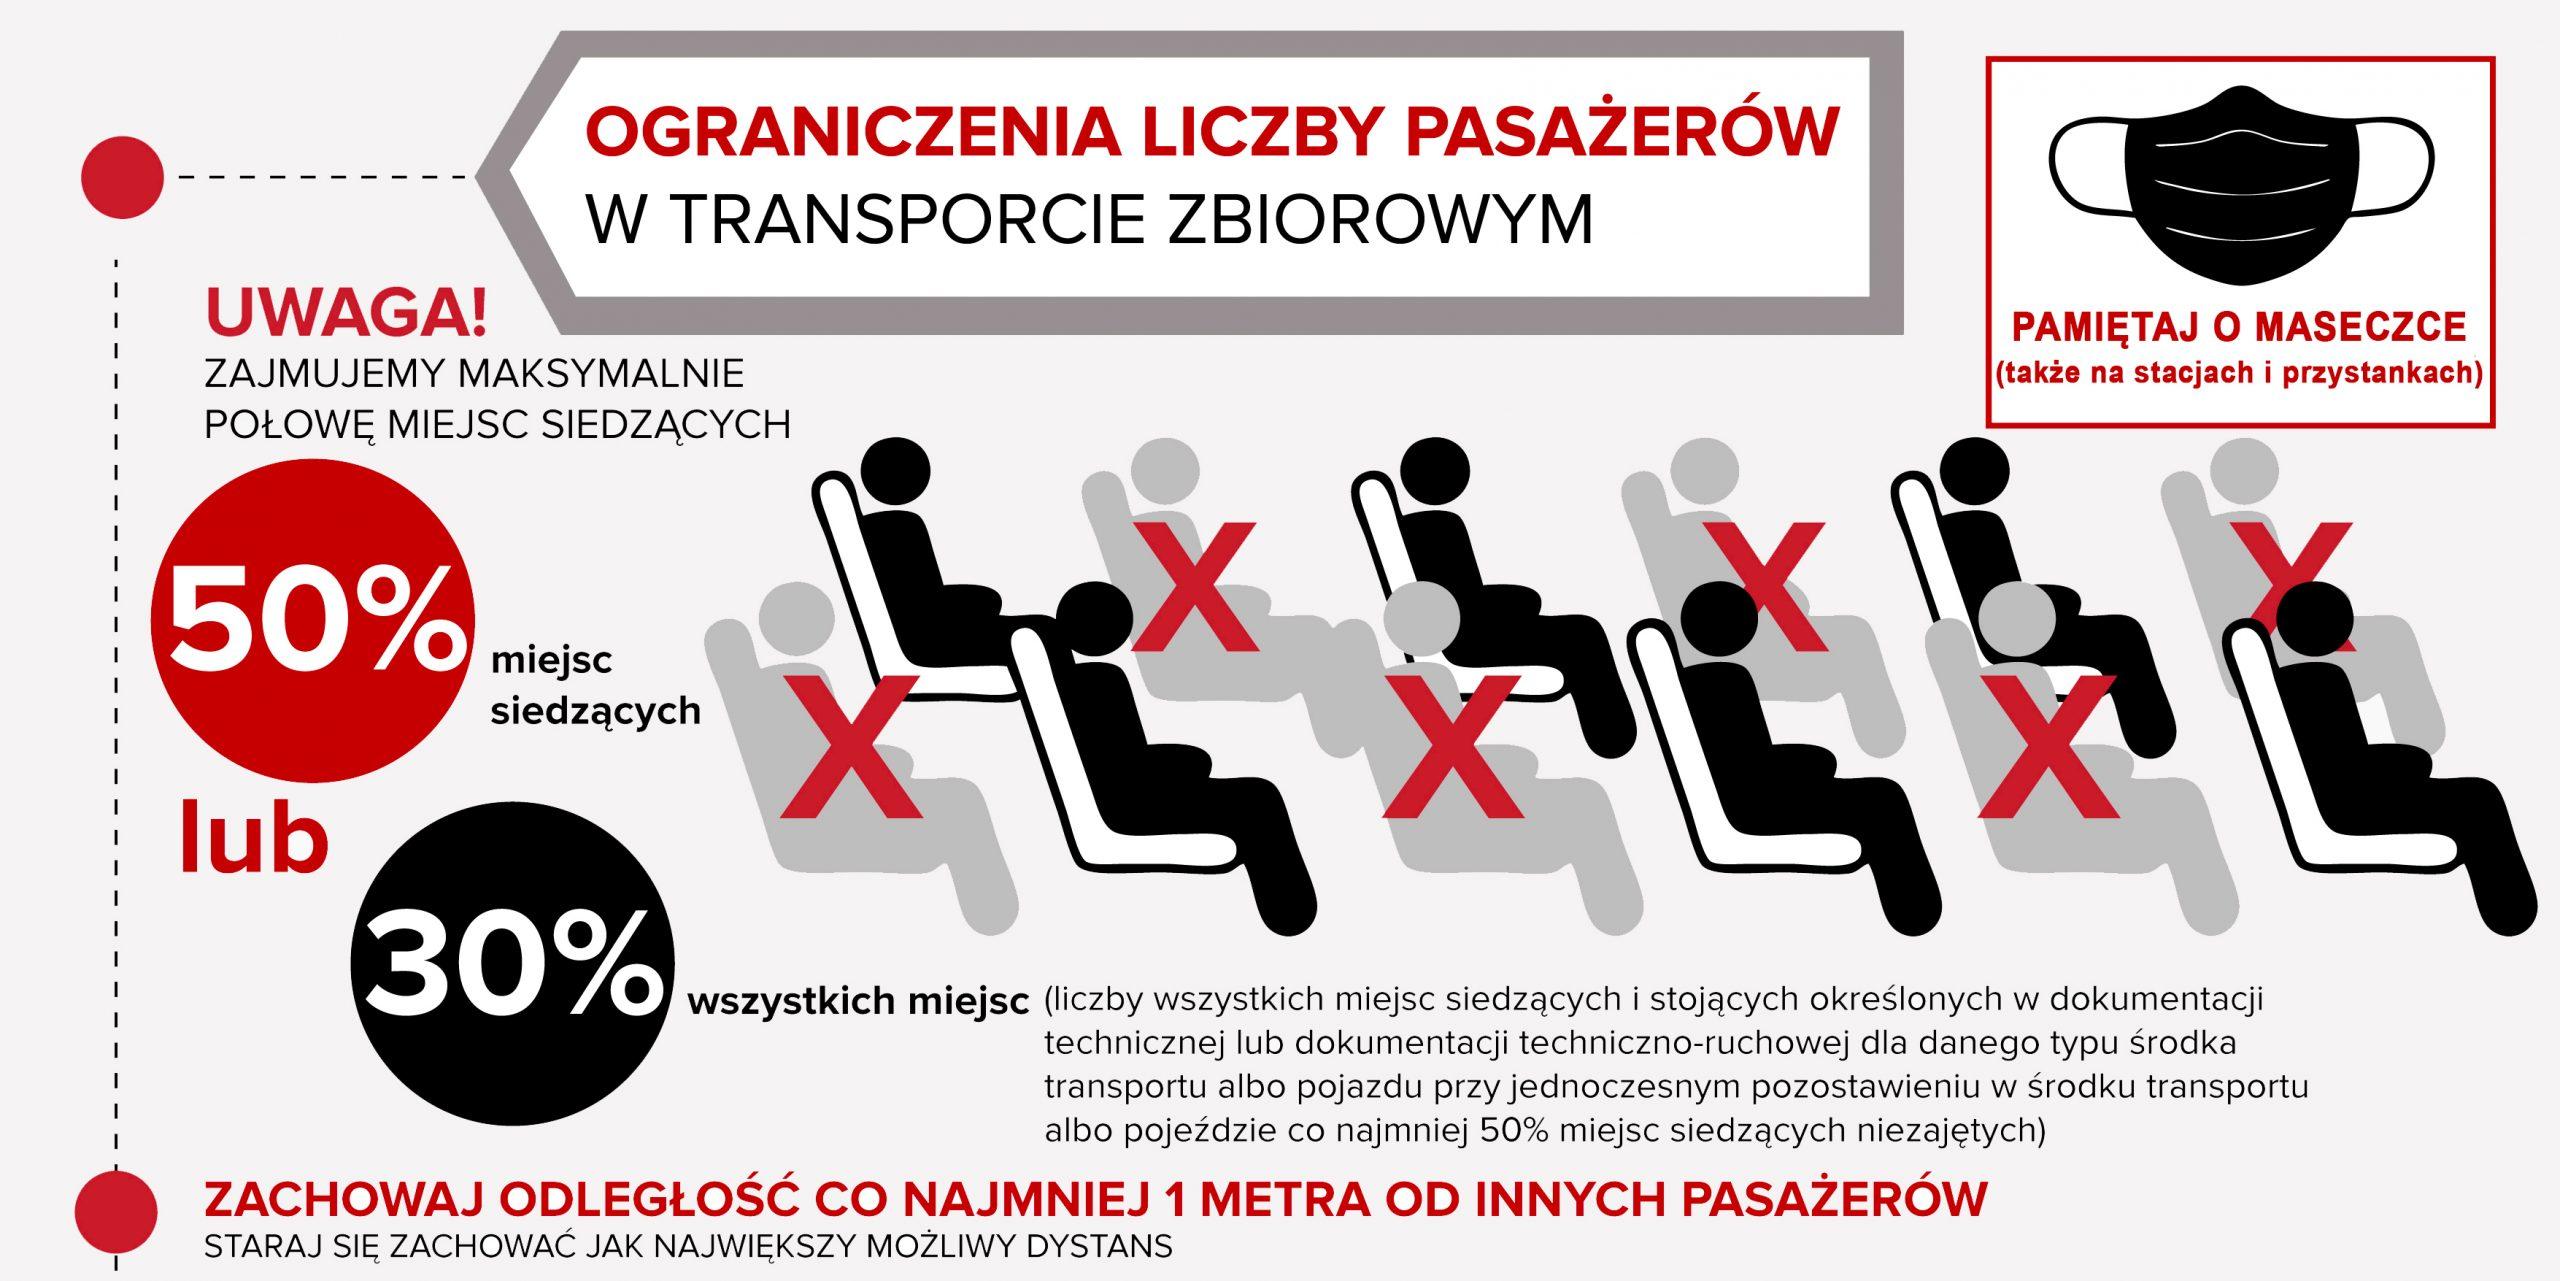 Grafika przedstawiająca sposób zajmowania miejsc w komunikacji publicznej